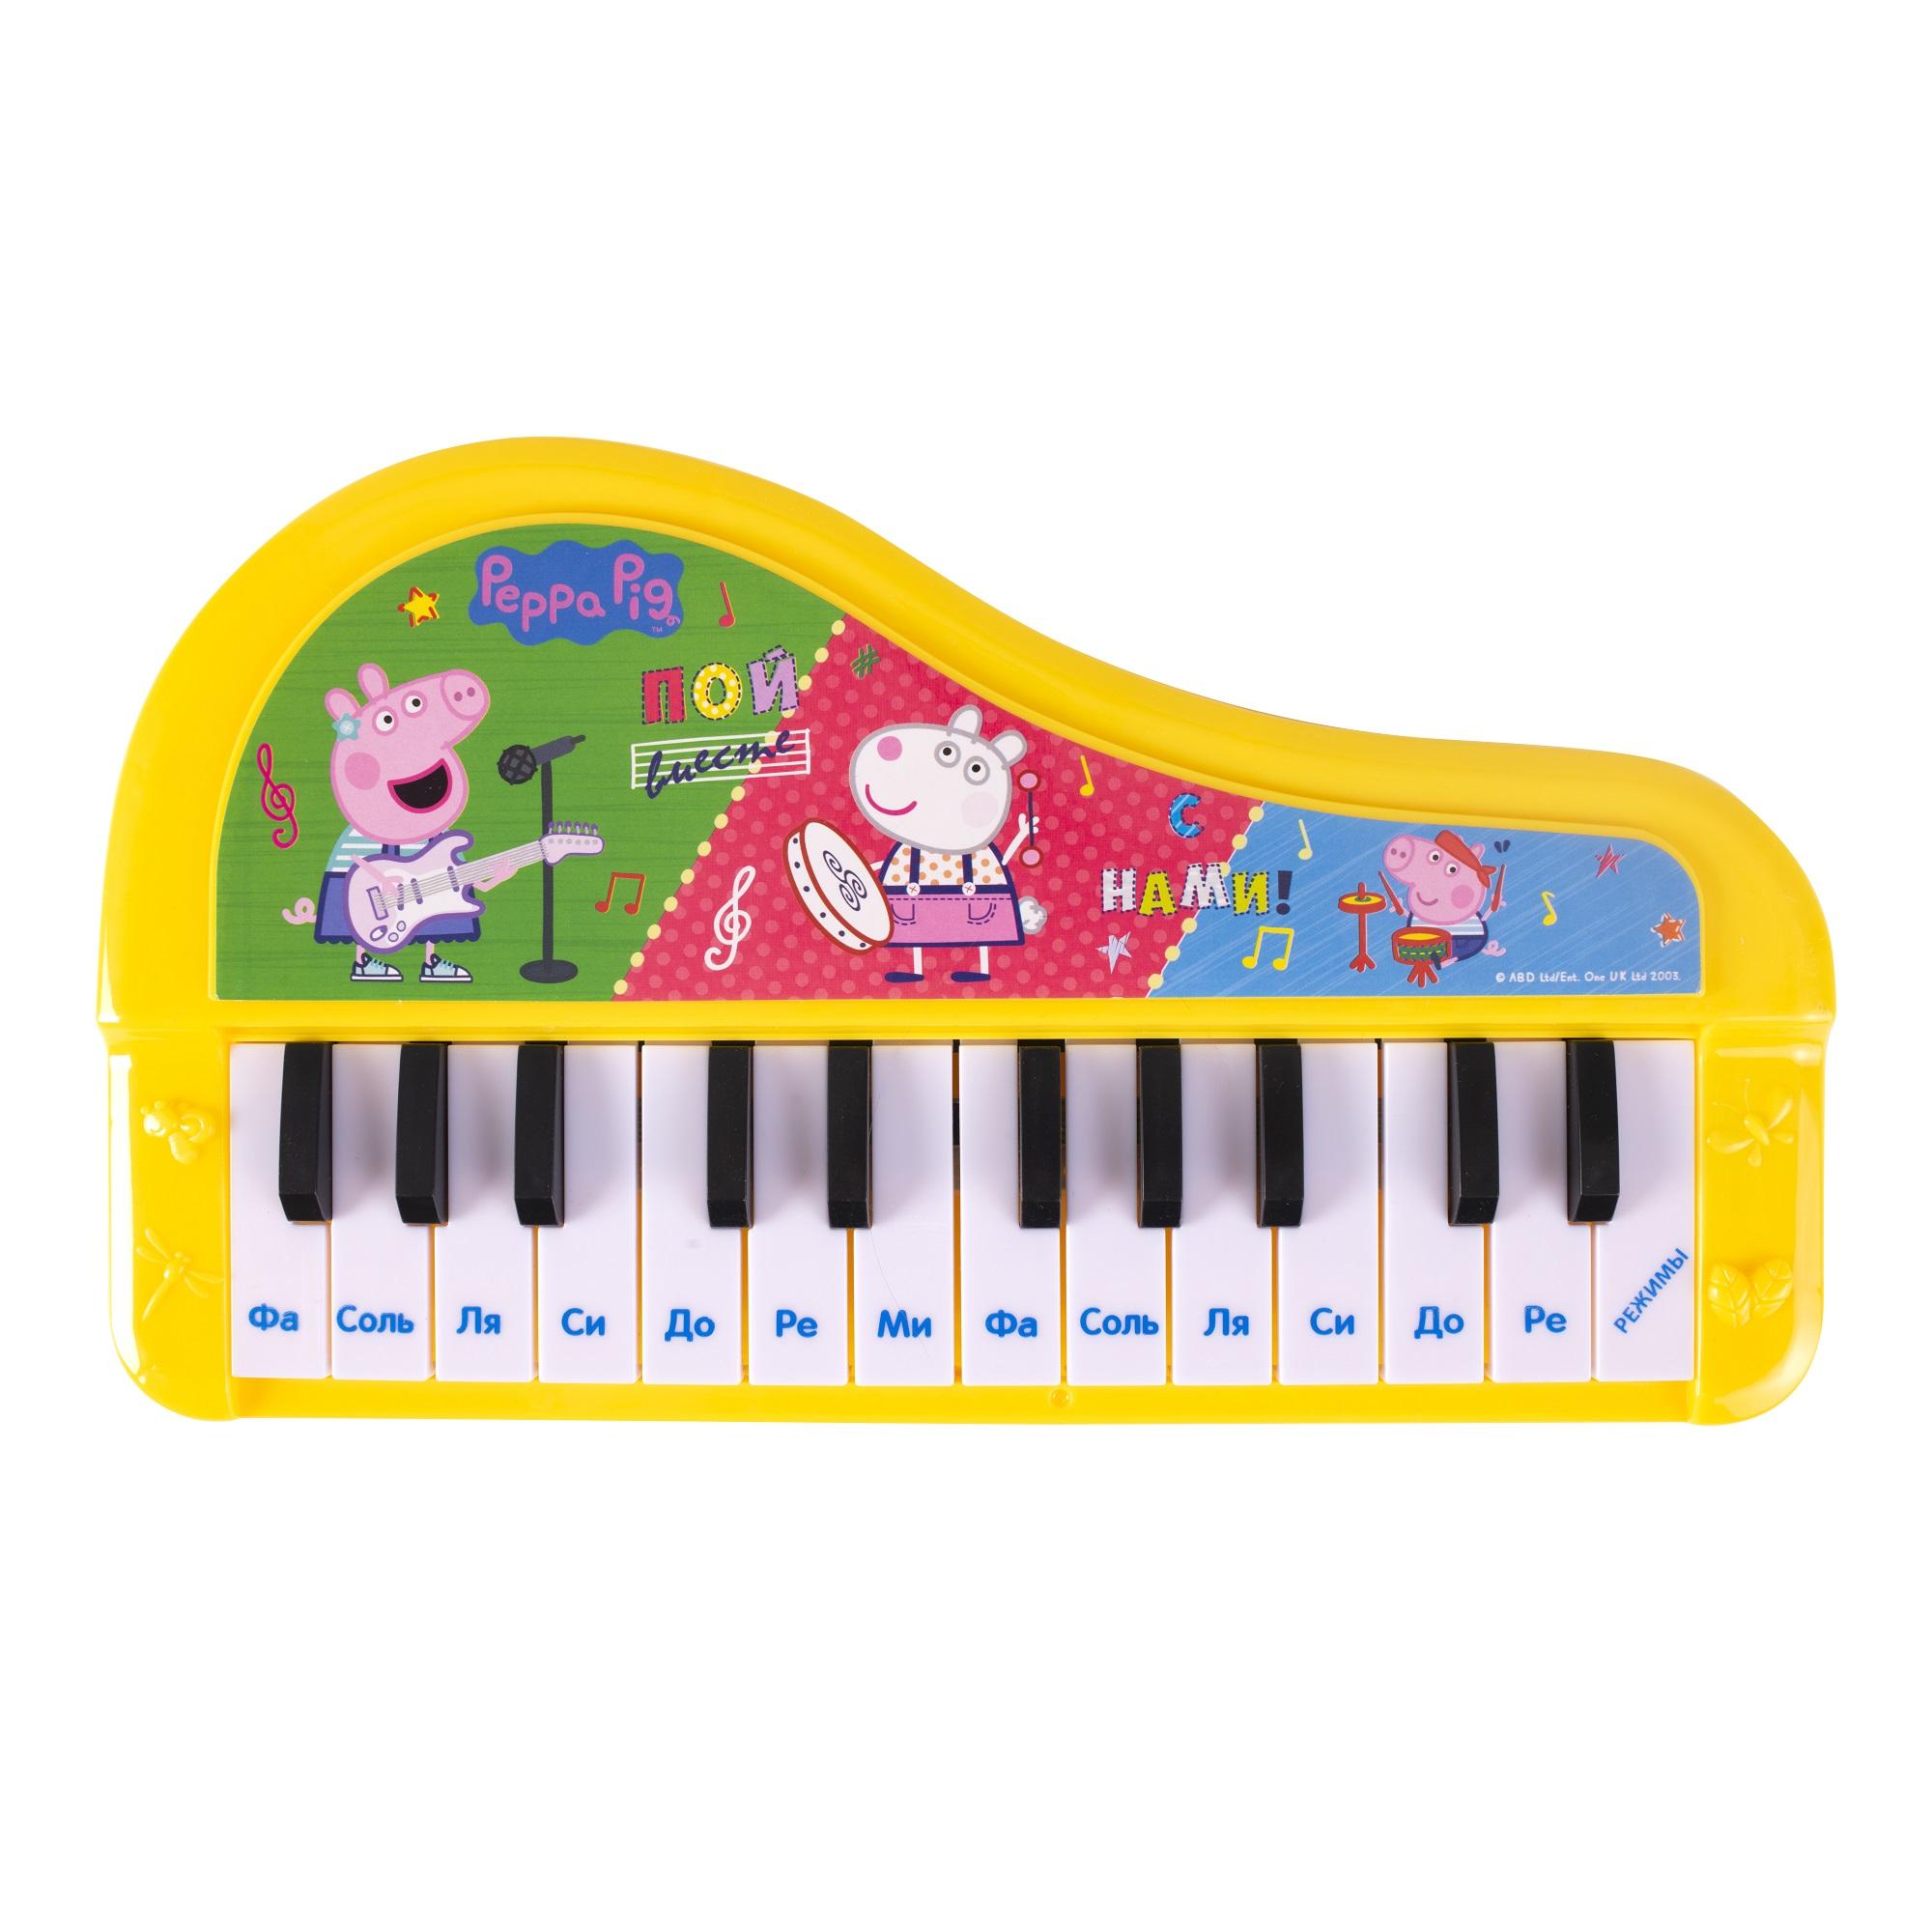 Купить Игрушечный синтезатор ТМ Peppa Pig - Свинка Пеппа, Росмэн